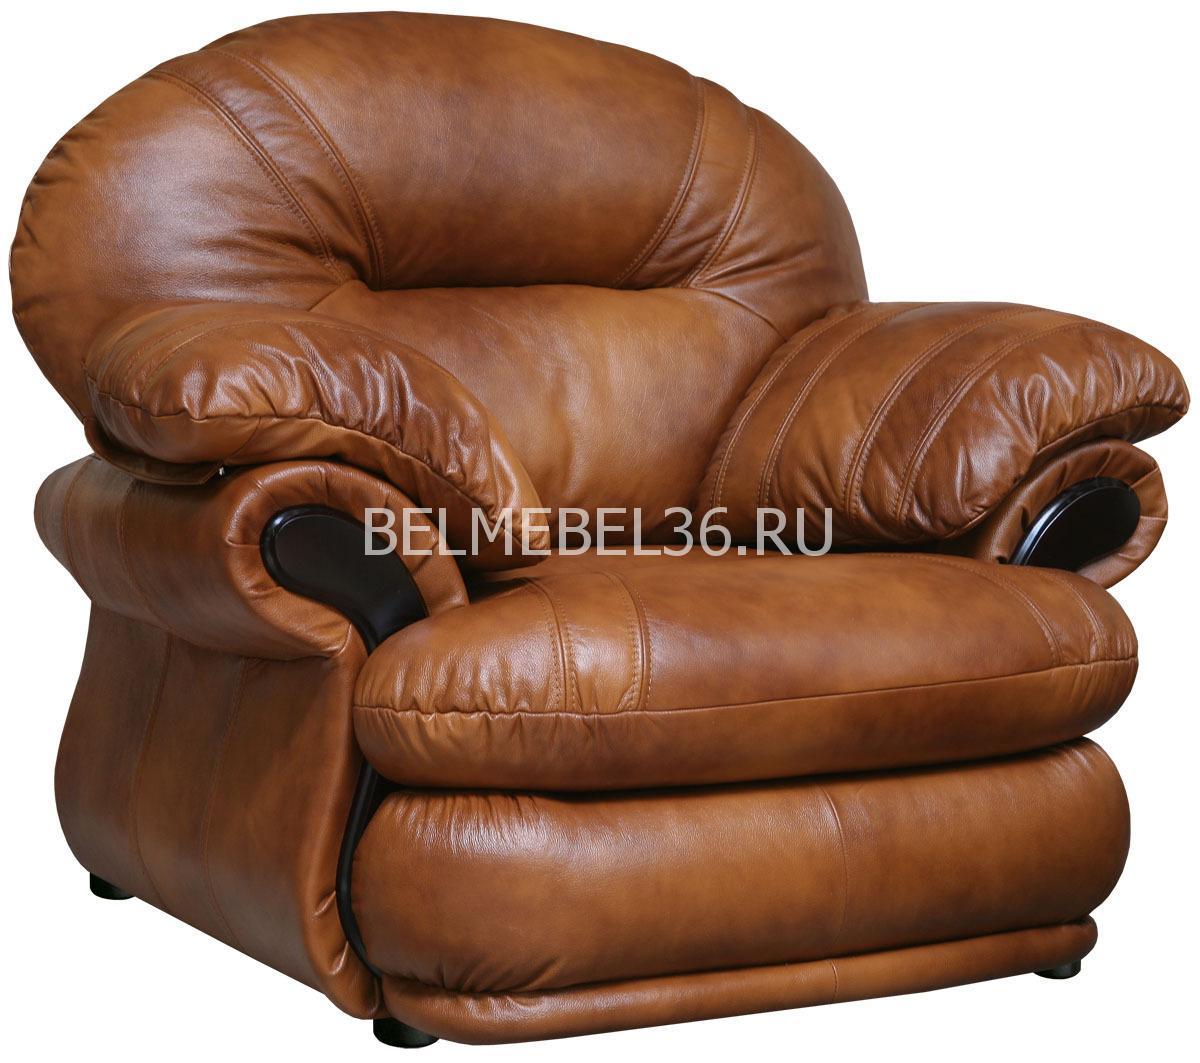 Кресло Орлеан (12) П-Д043 | Белорусская мебель в Воронеже